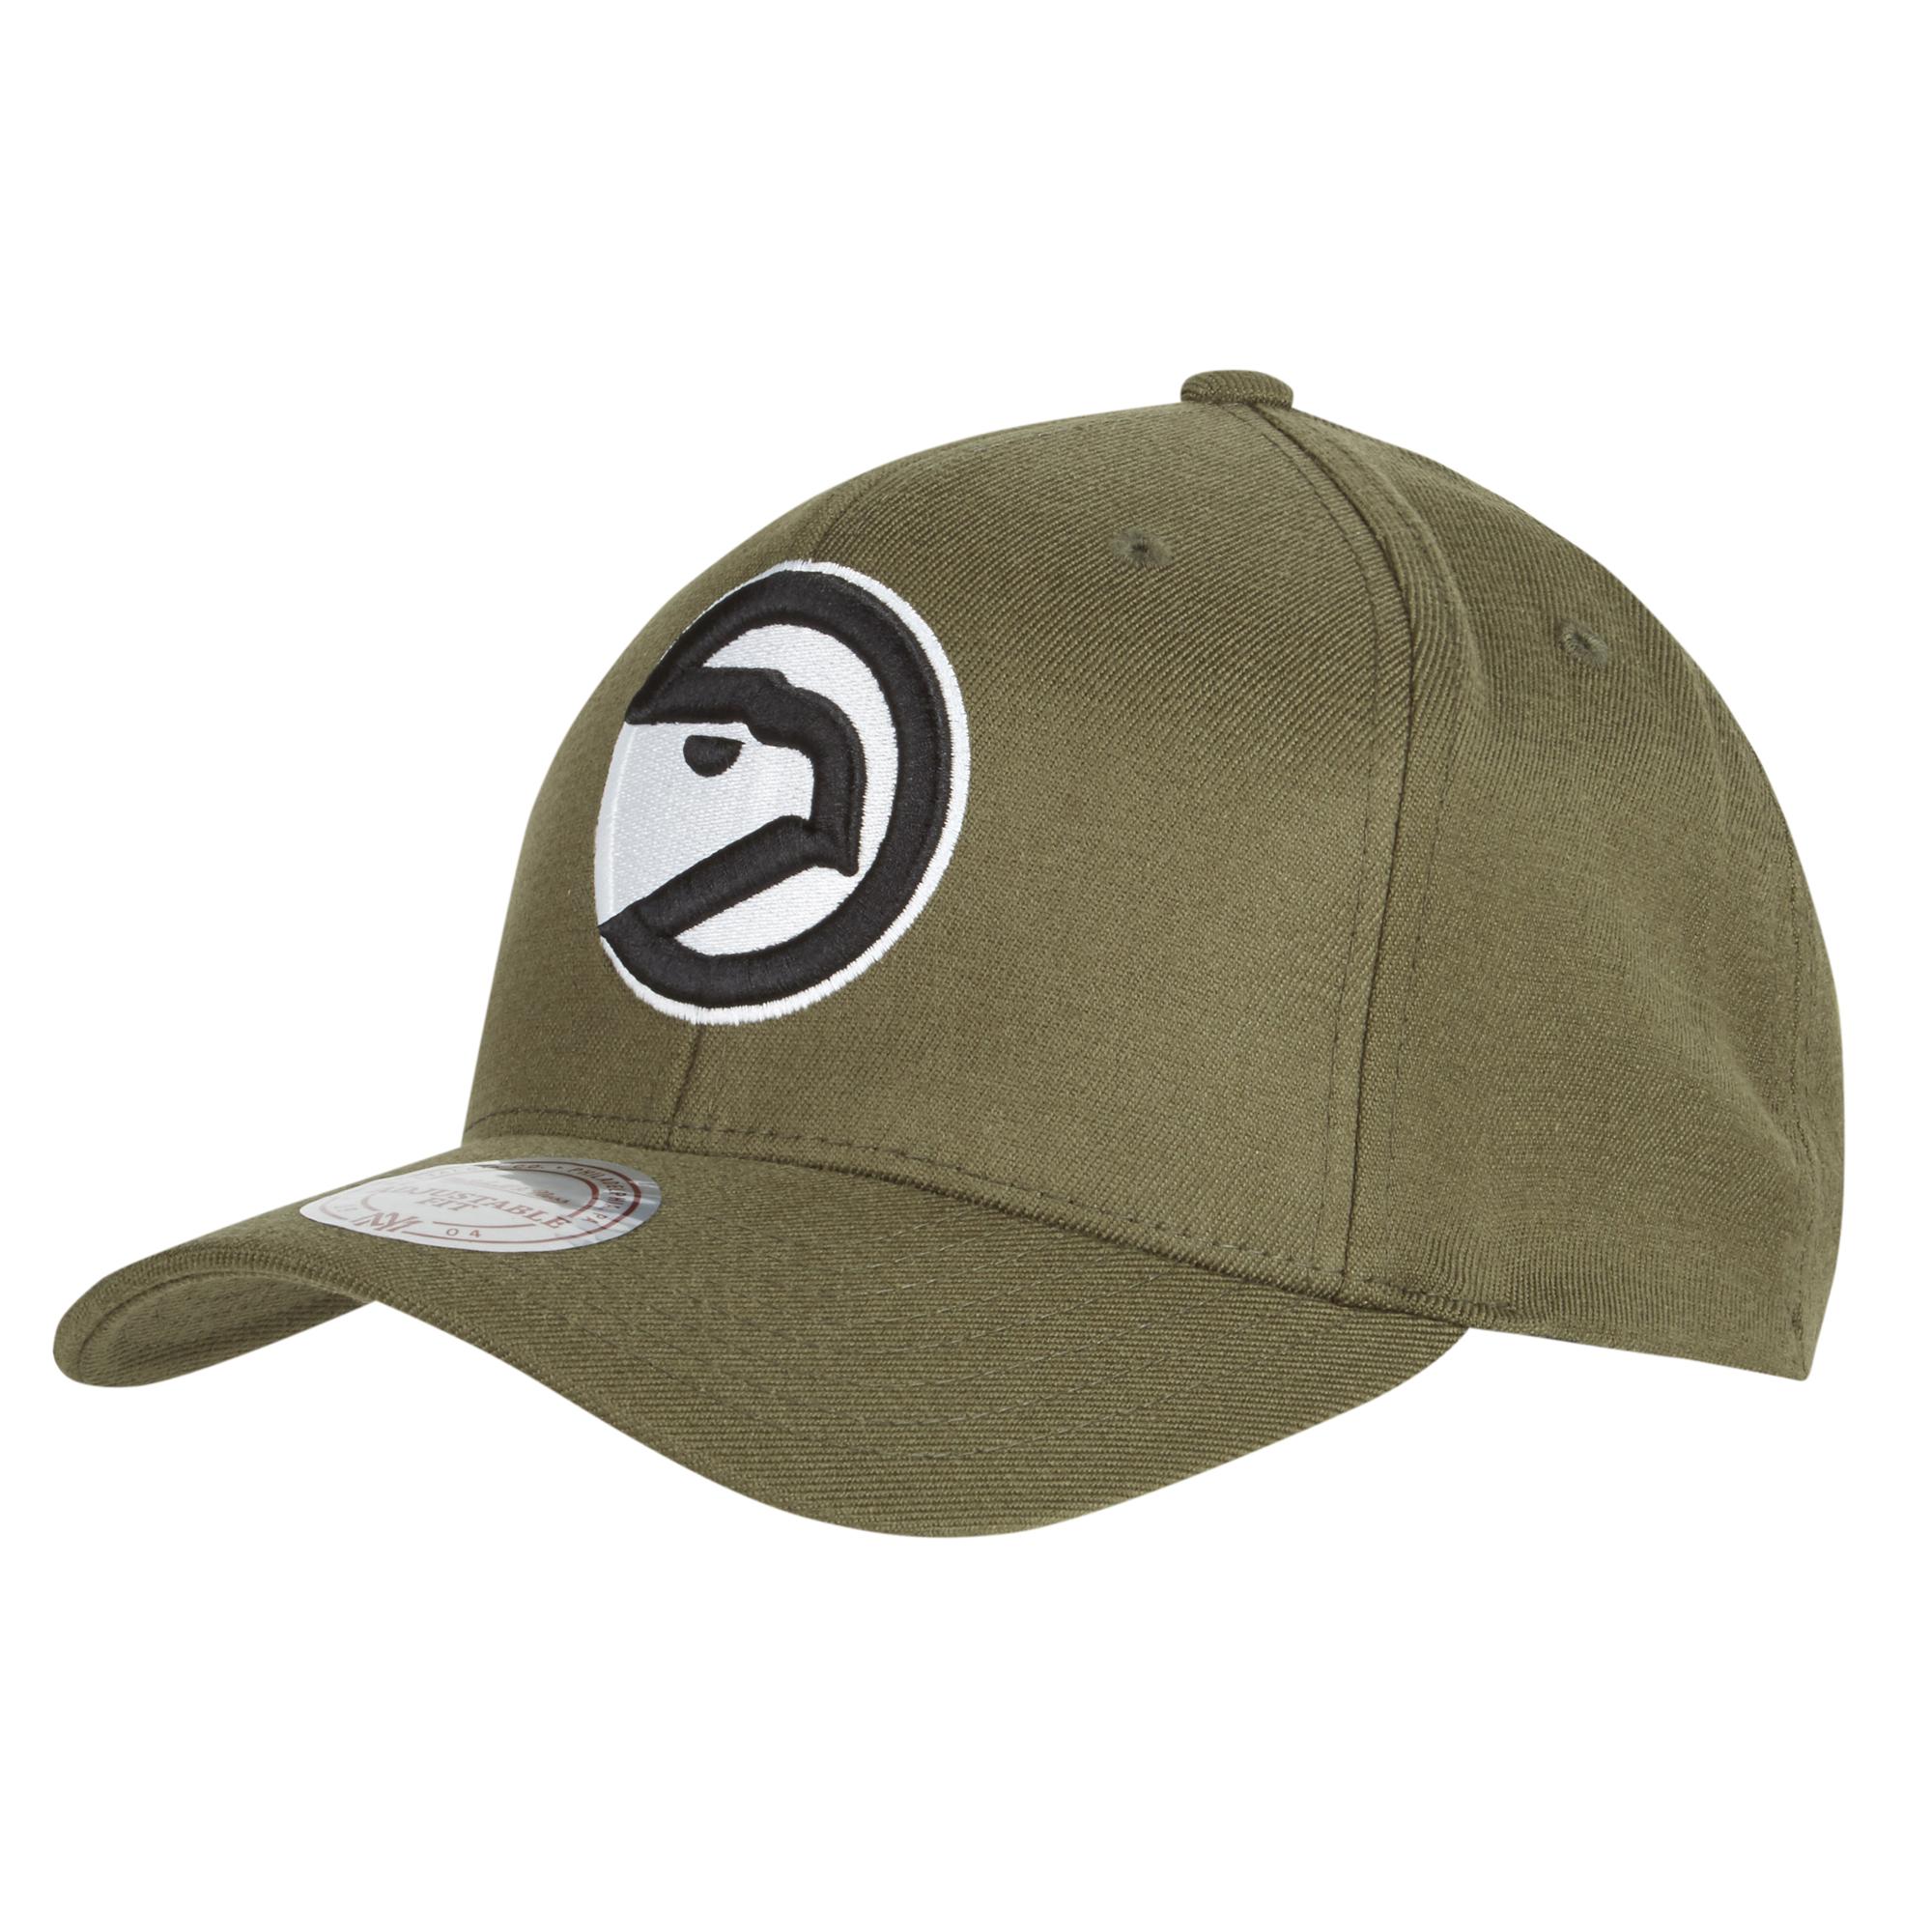 Gorra con cierre a presión y logotipo del equipo Atlanta Hawks Hardwood Classics en tono oliva